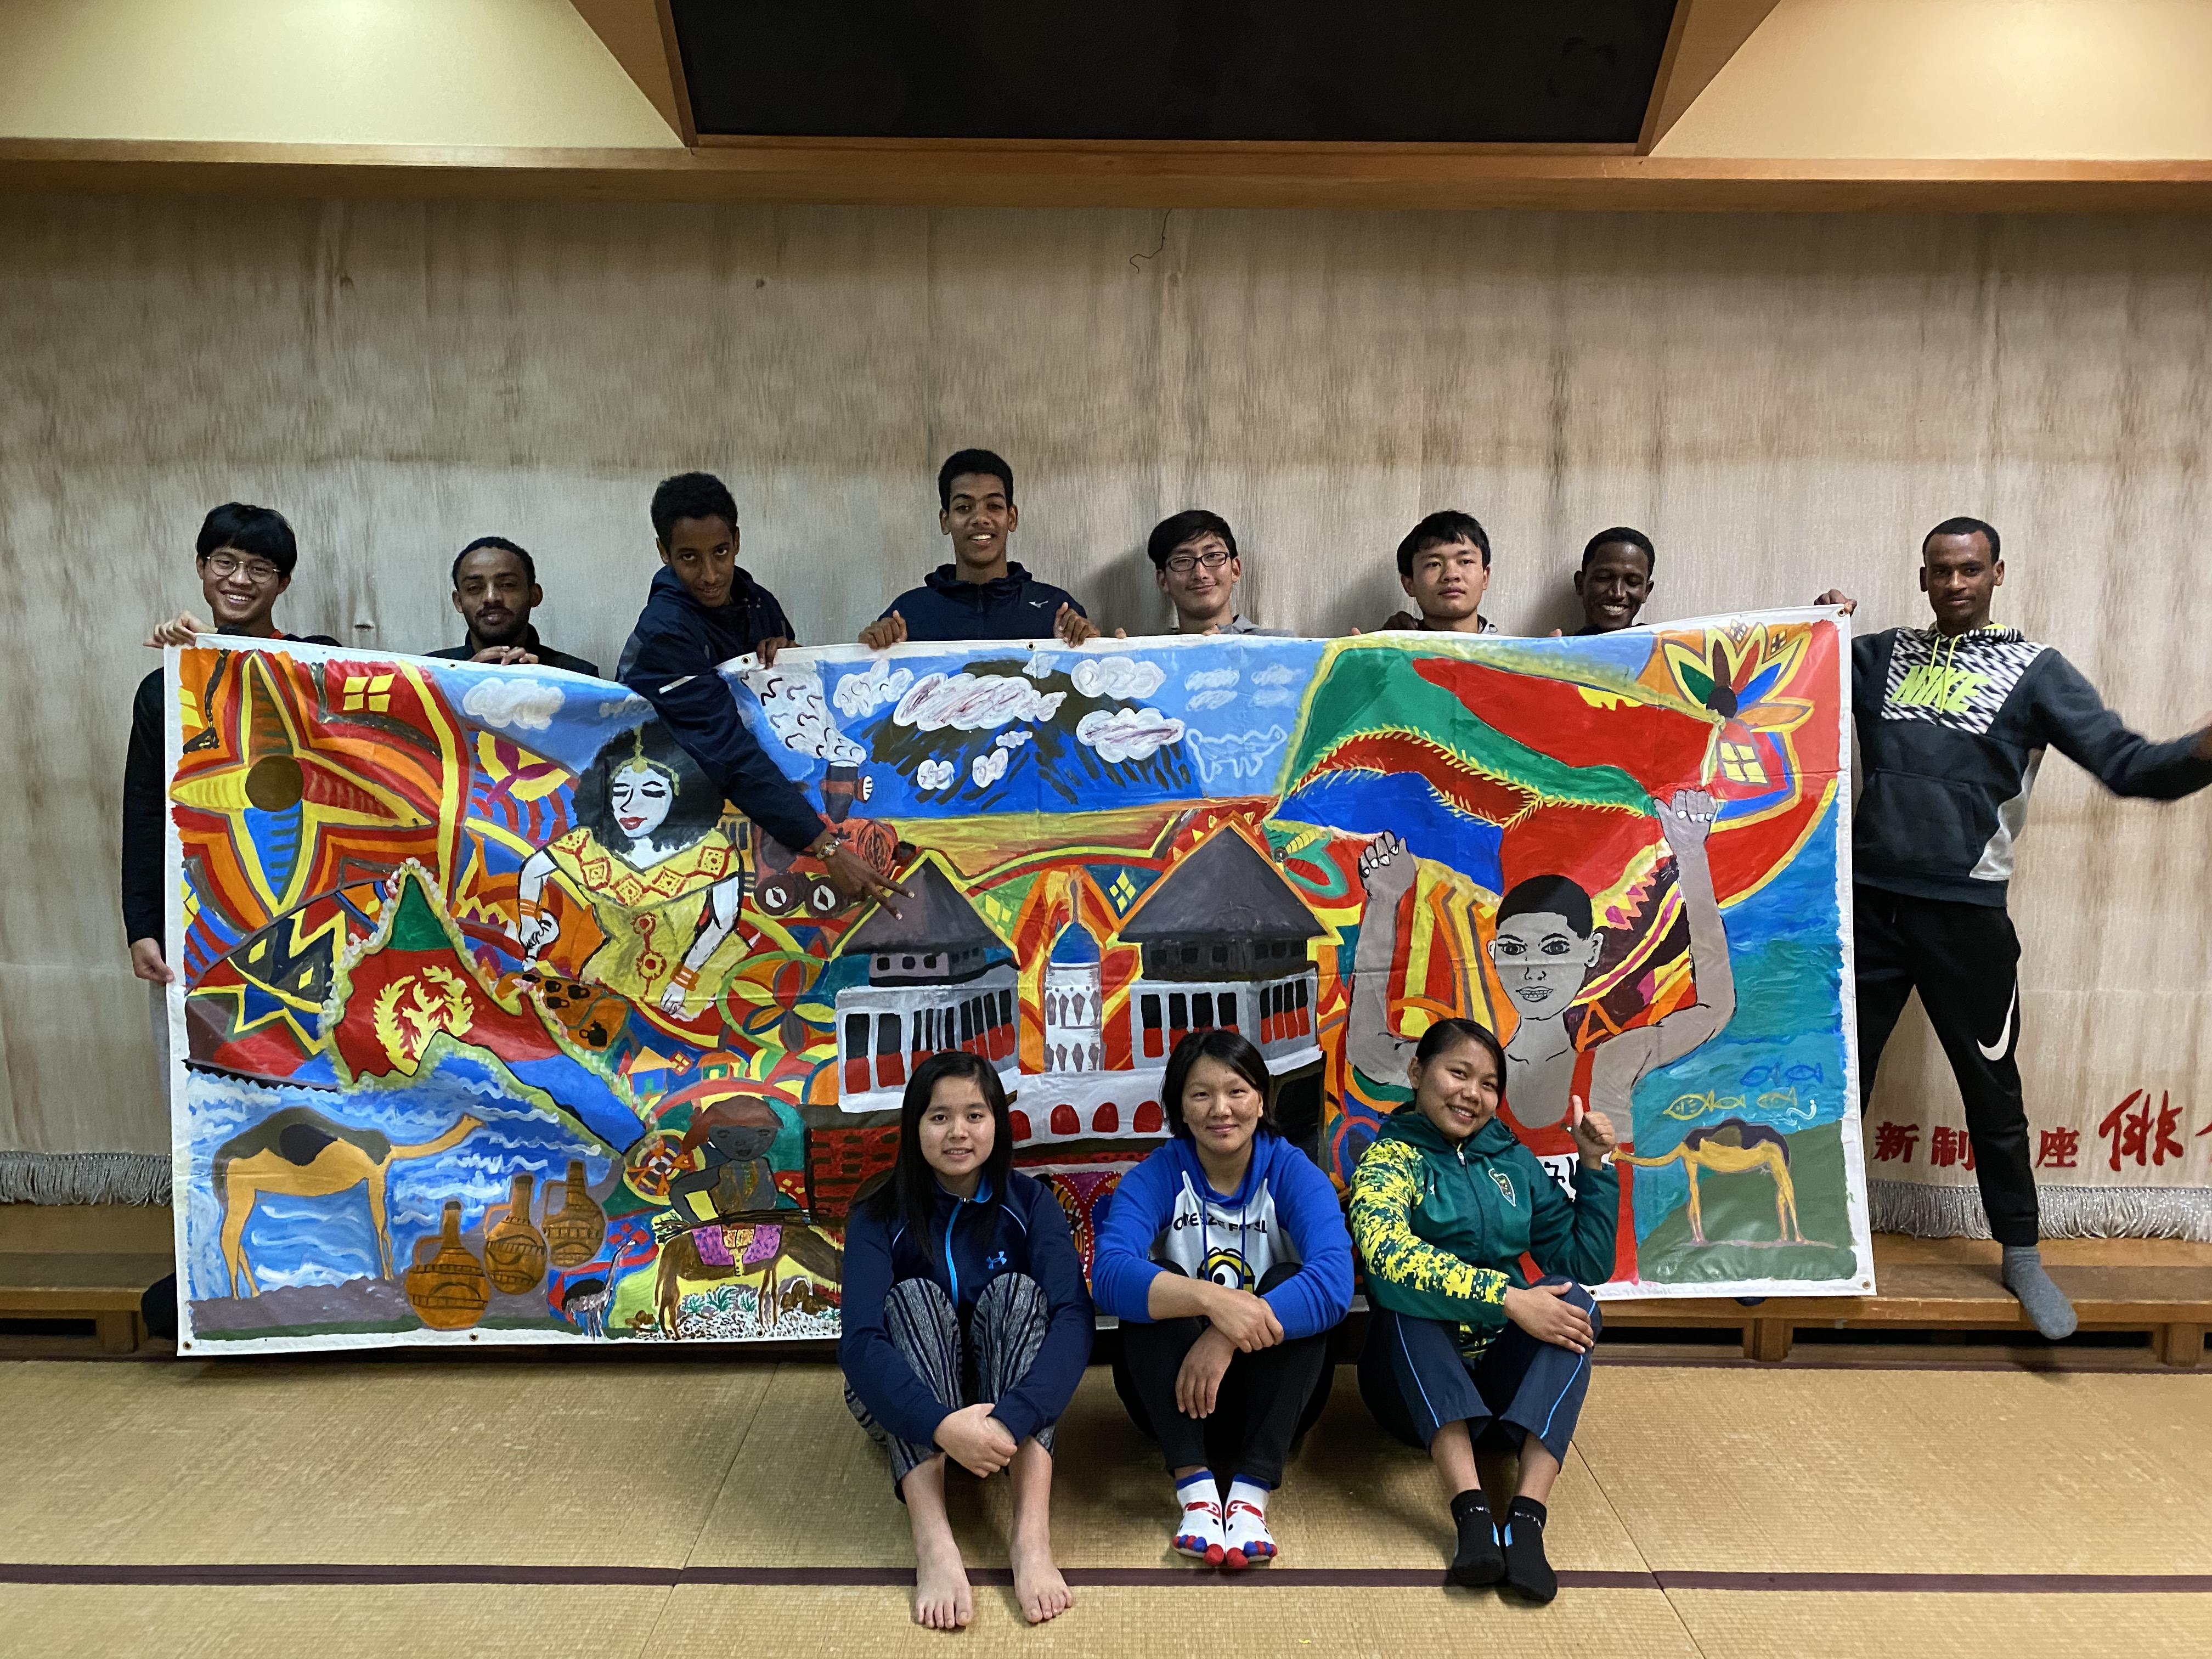 留学生の描いた作品がジャパンアートマイルホームページに掲載されました